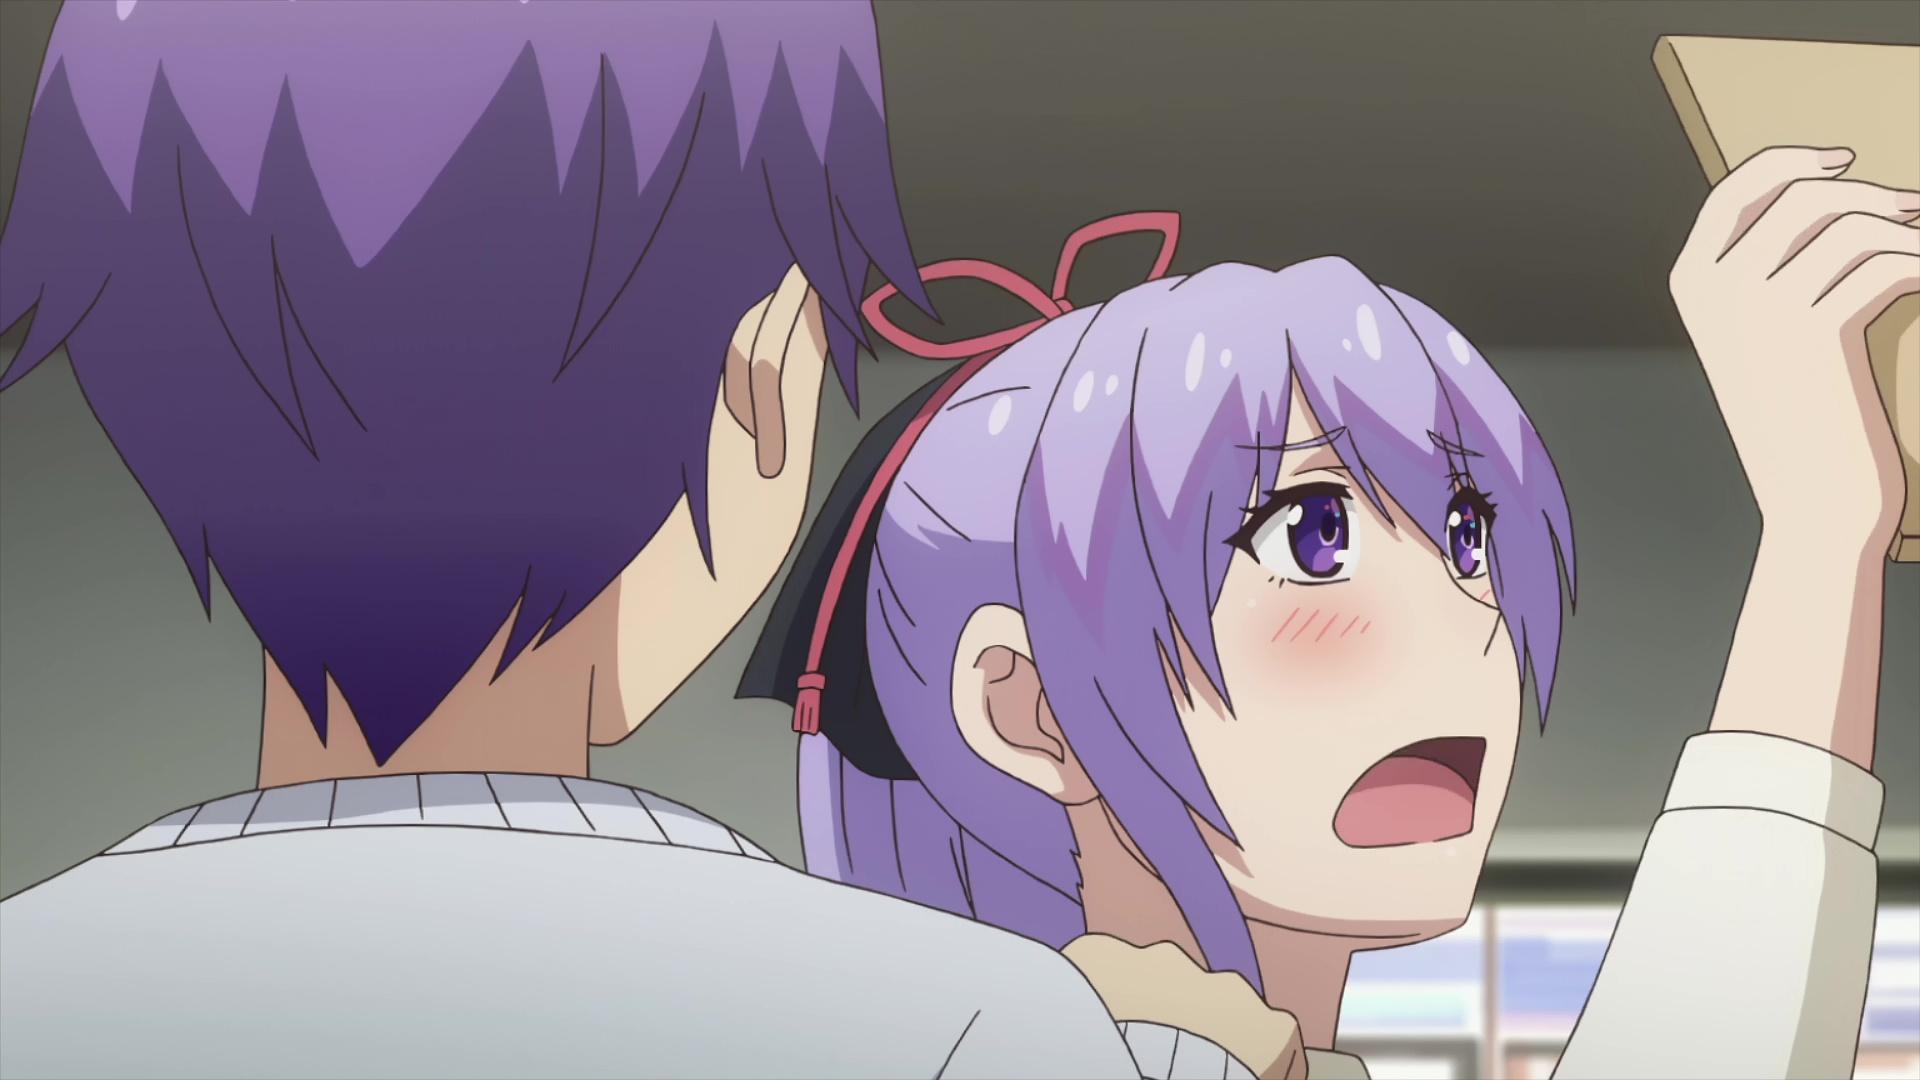 秋アニメ『俺が好きなのは妹だけど妹じゃない』その「作画崩壊」に衝撃がはしる!